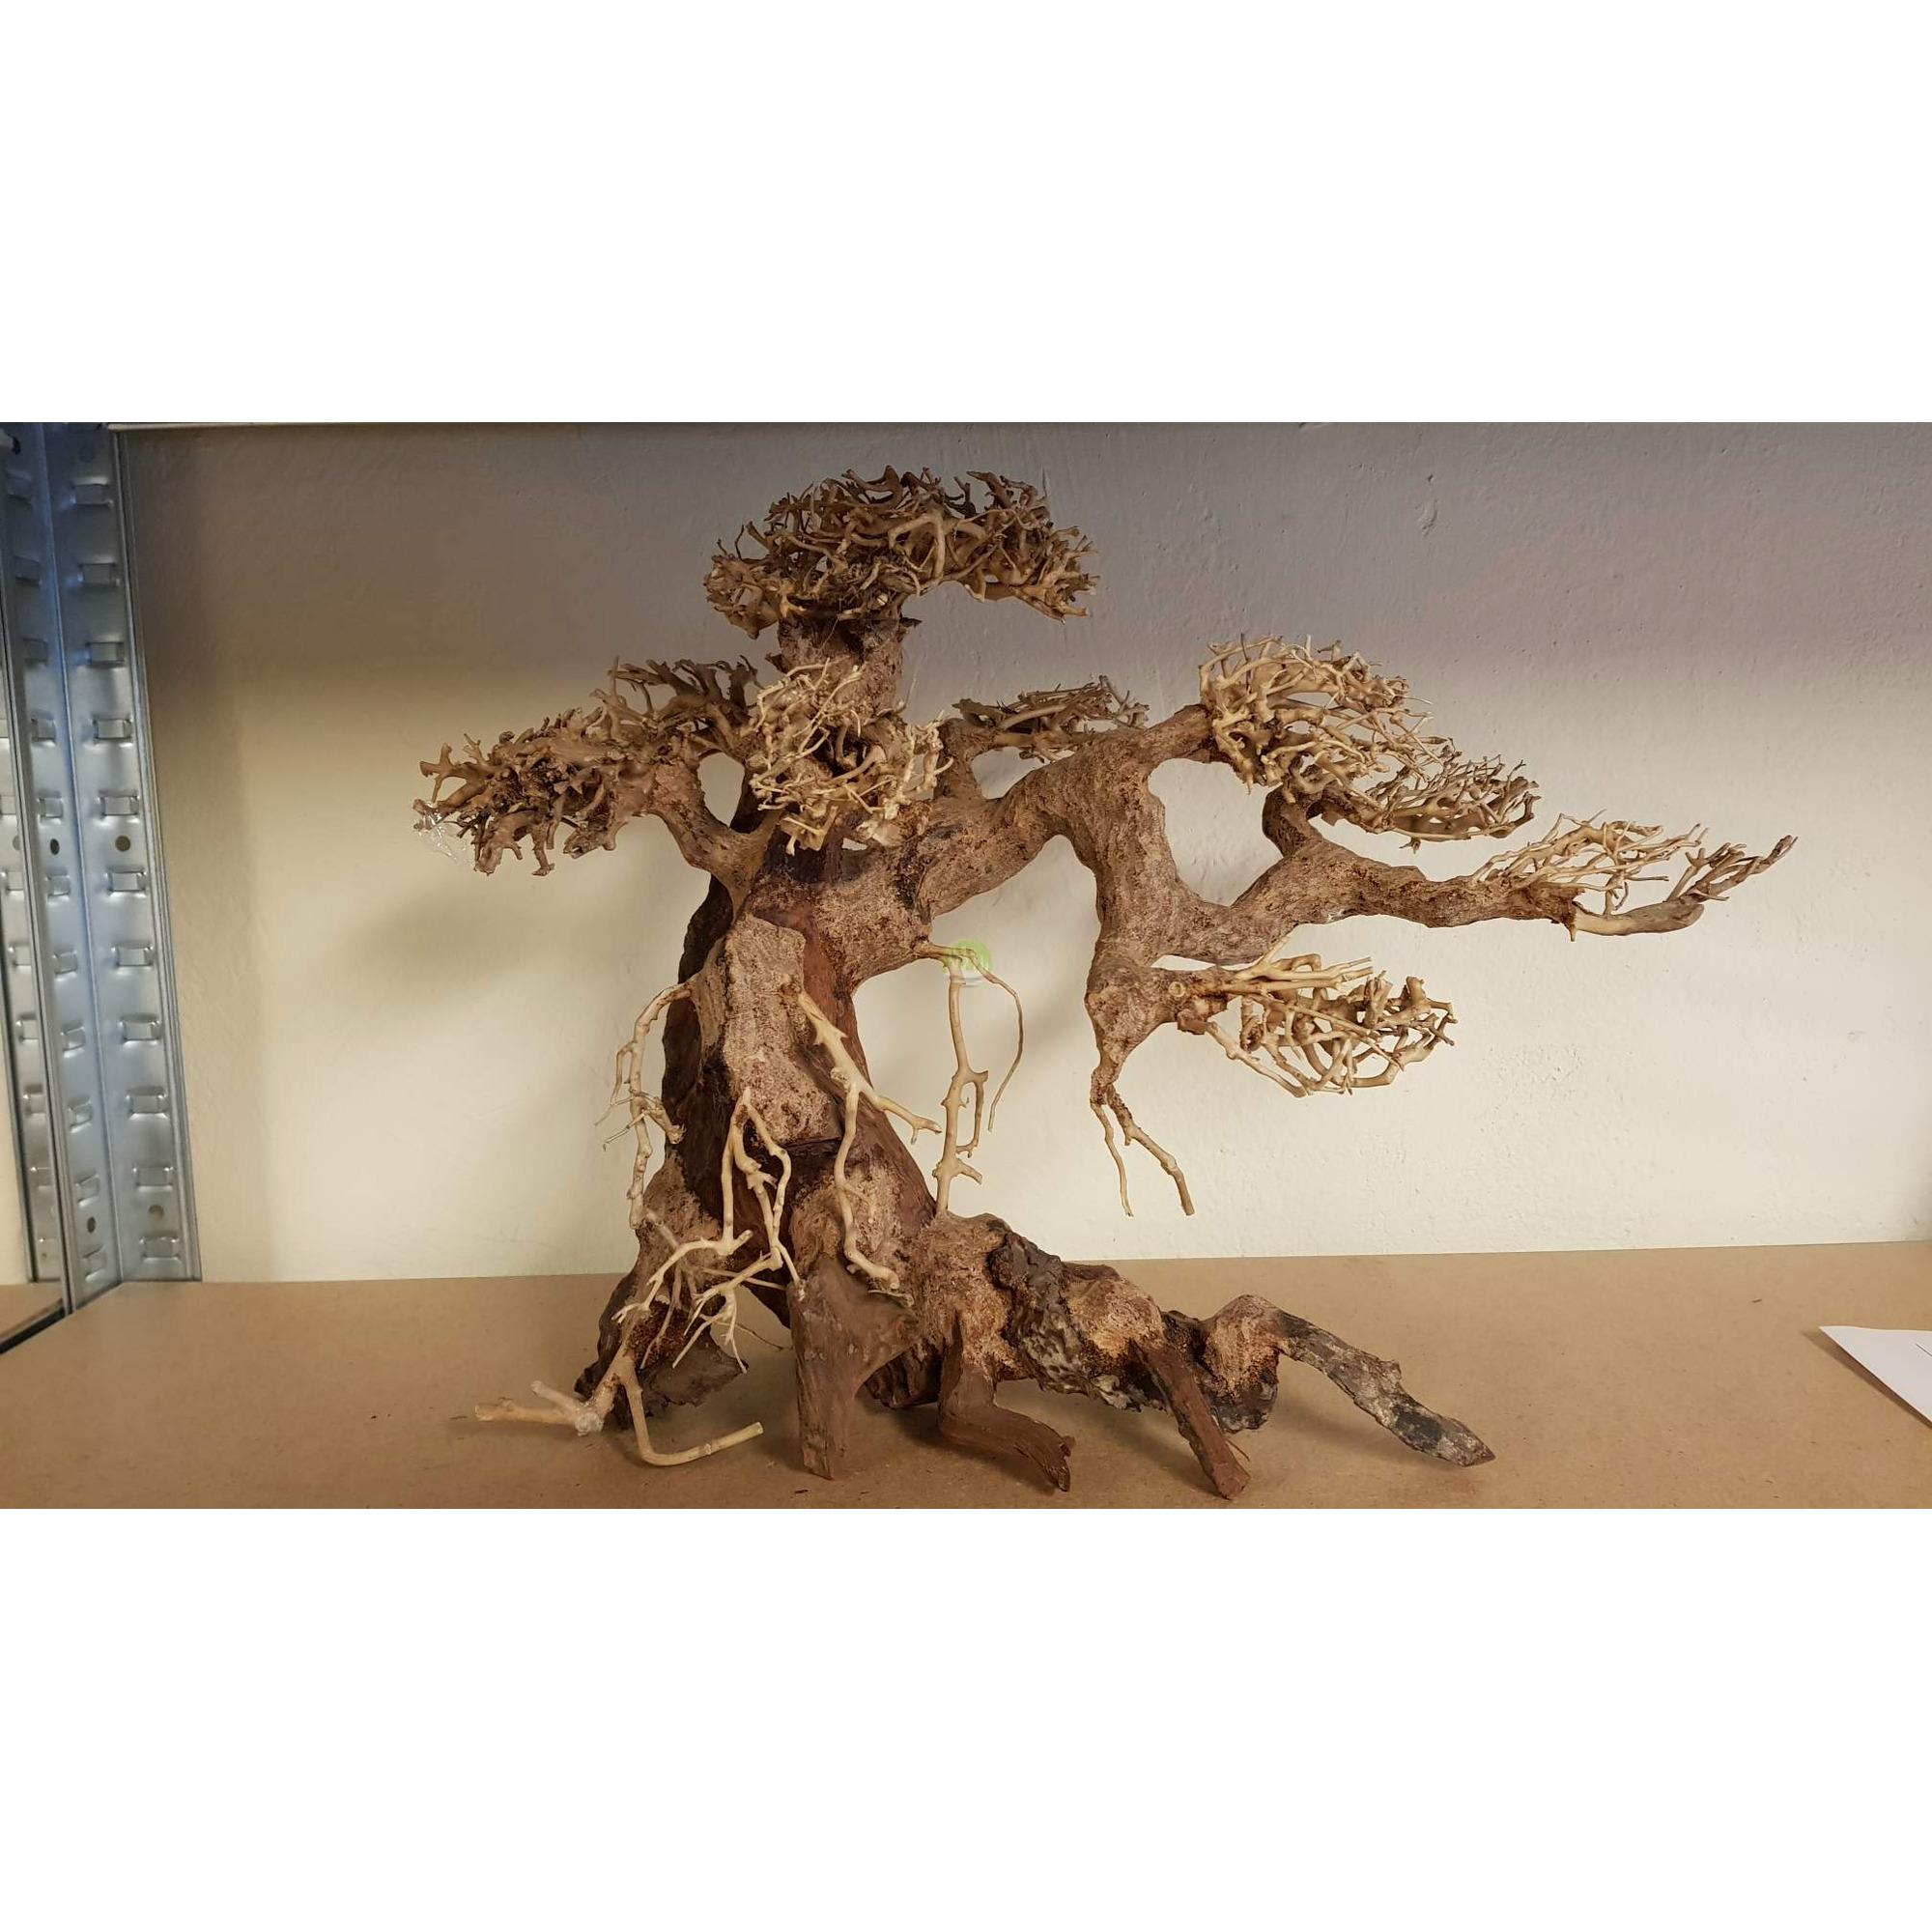 Studio Aranzacji Akwarium Gotowa Aranzacja Drzewko Rozmiar 35cm